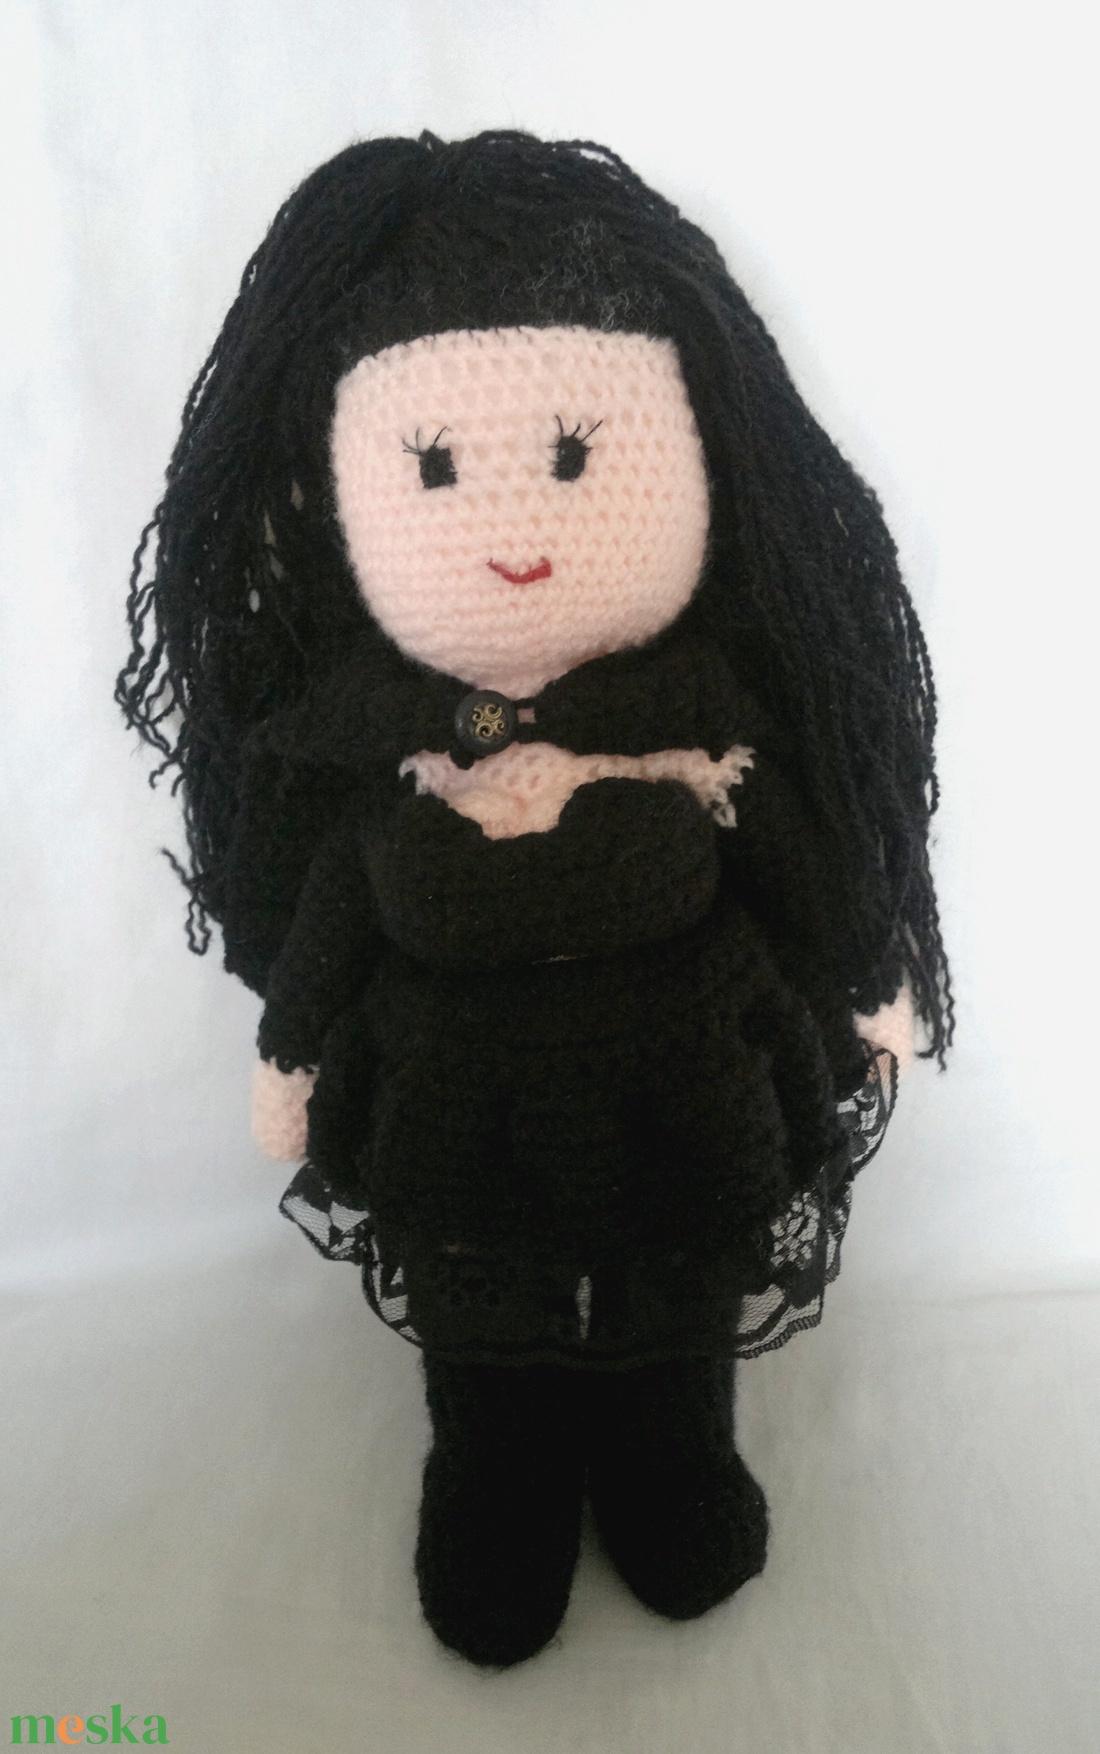 Bellatrix Lestrange horgolt figura a Harry Potter világából - játék & gyerek - plüssállat & játékfigura - ember - Meska.hu